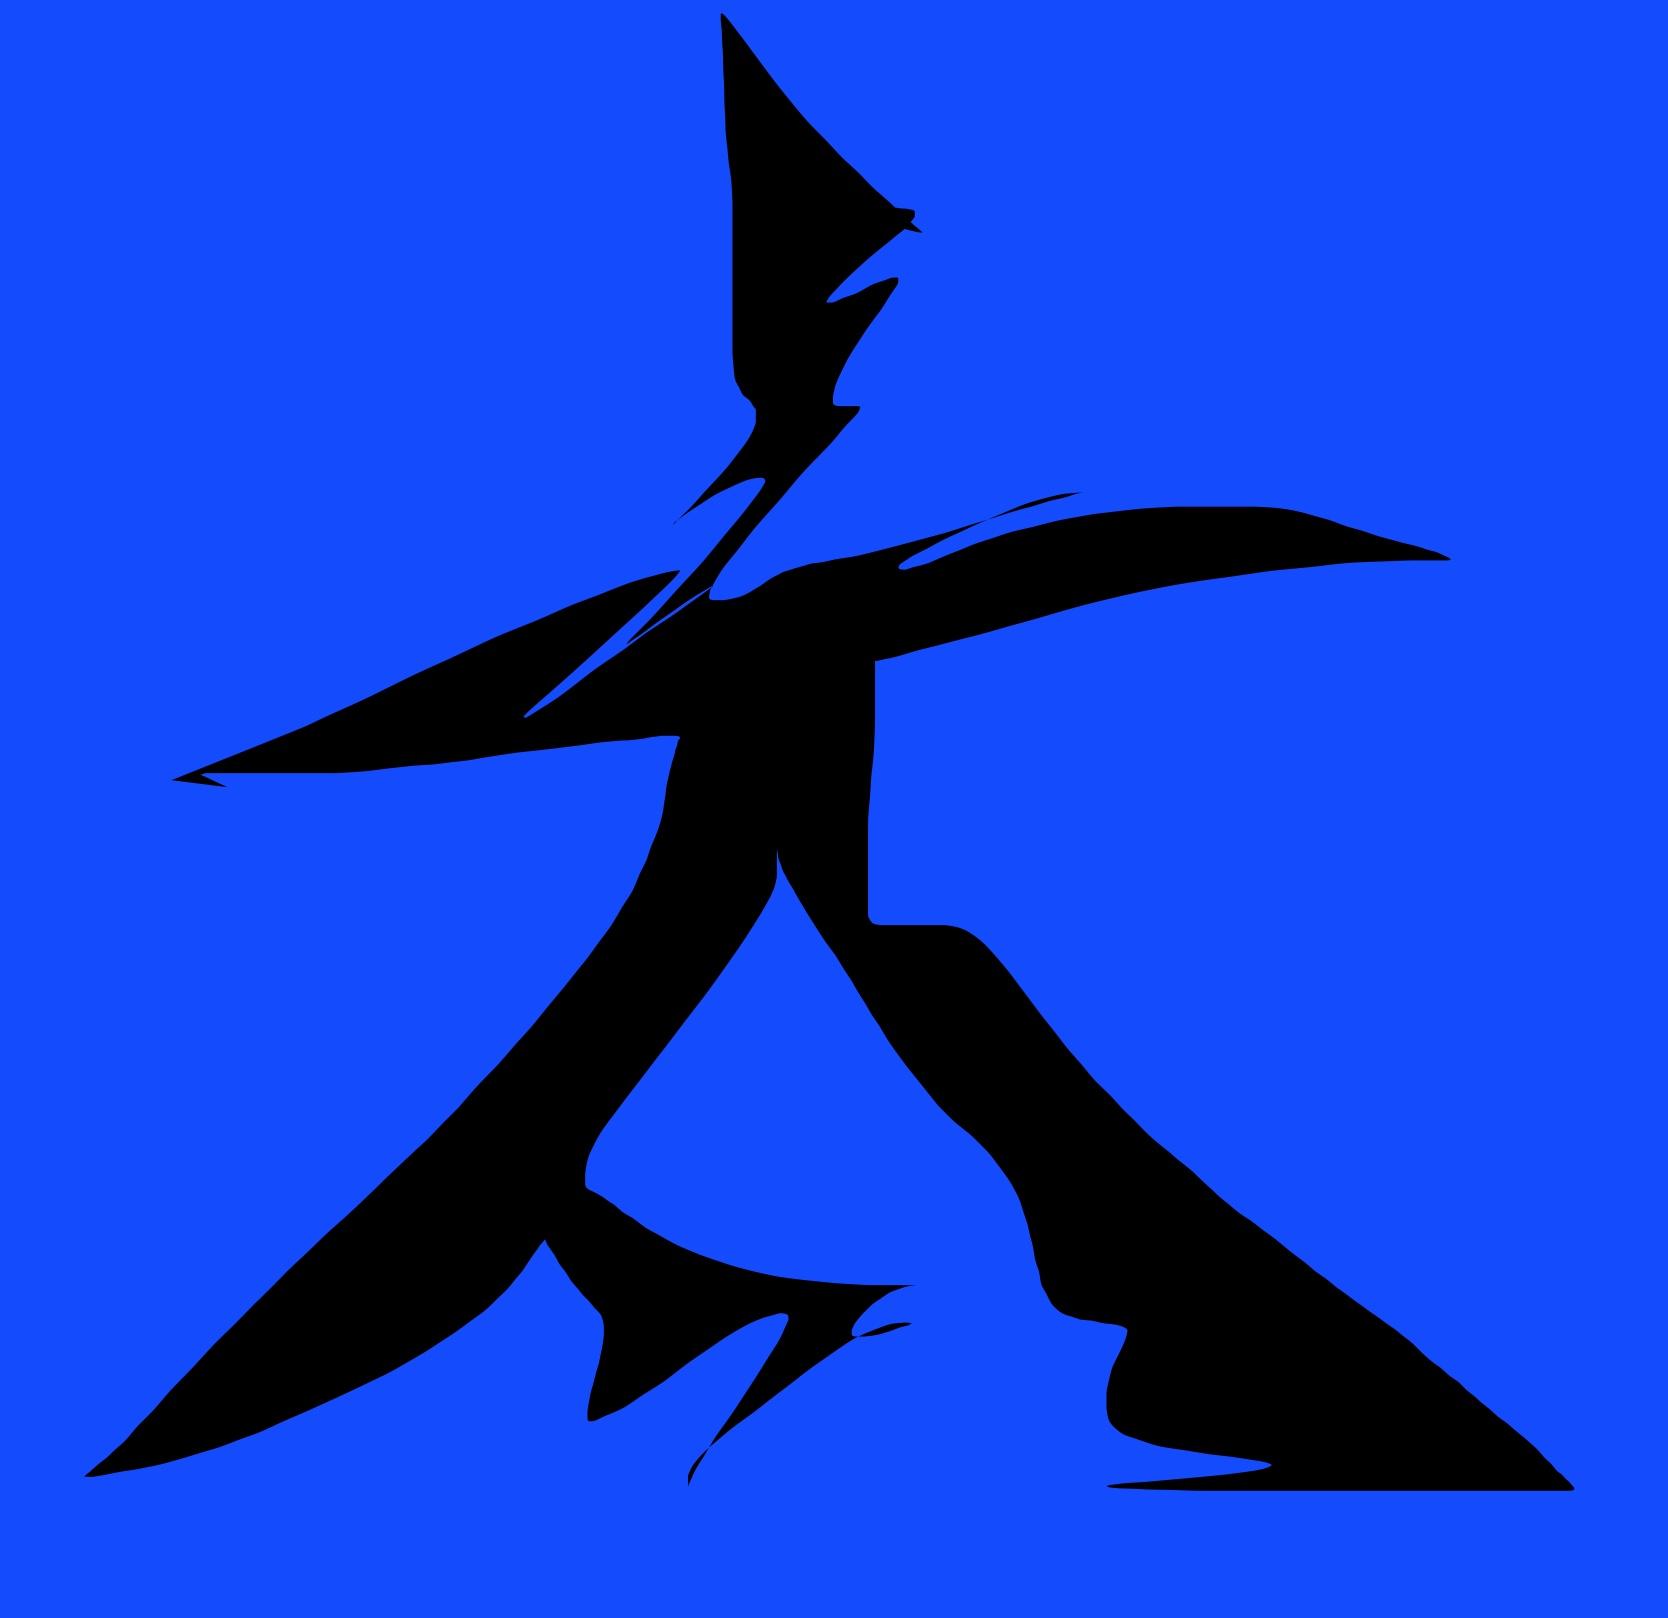 great de calligraphy